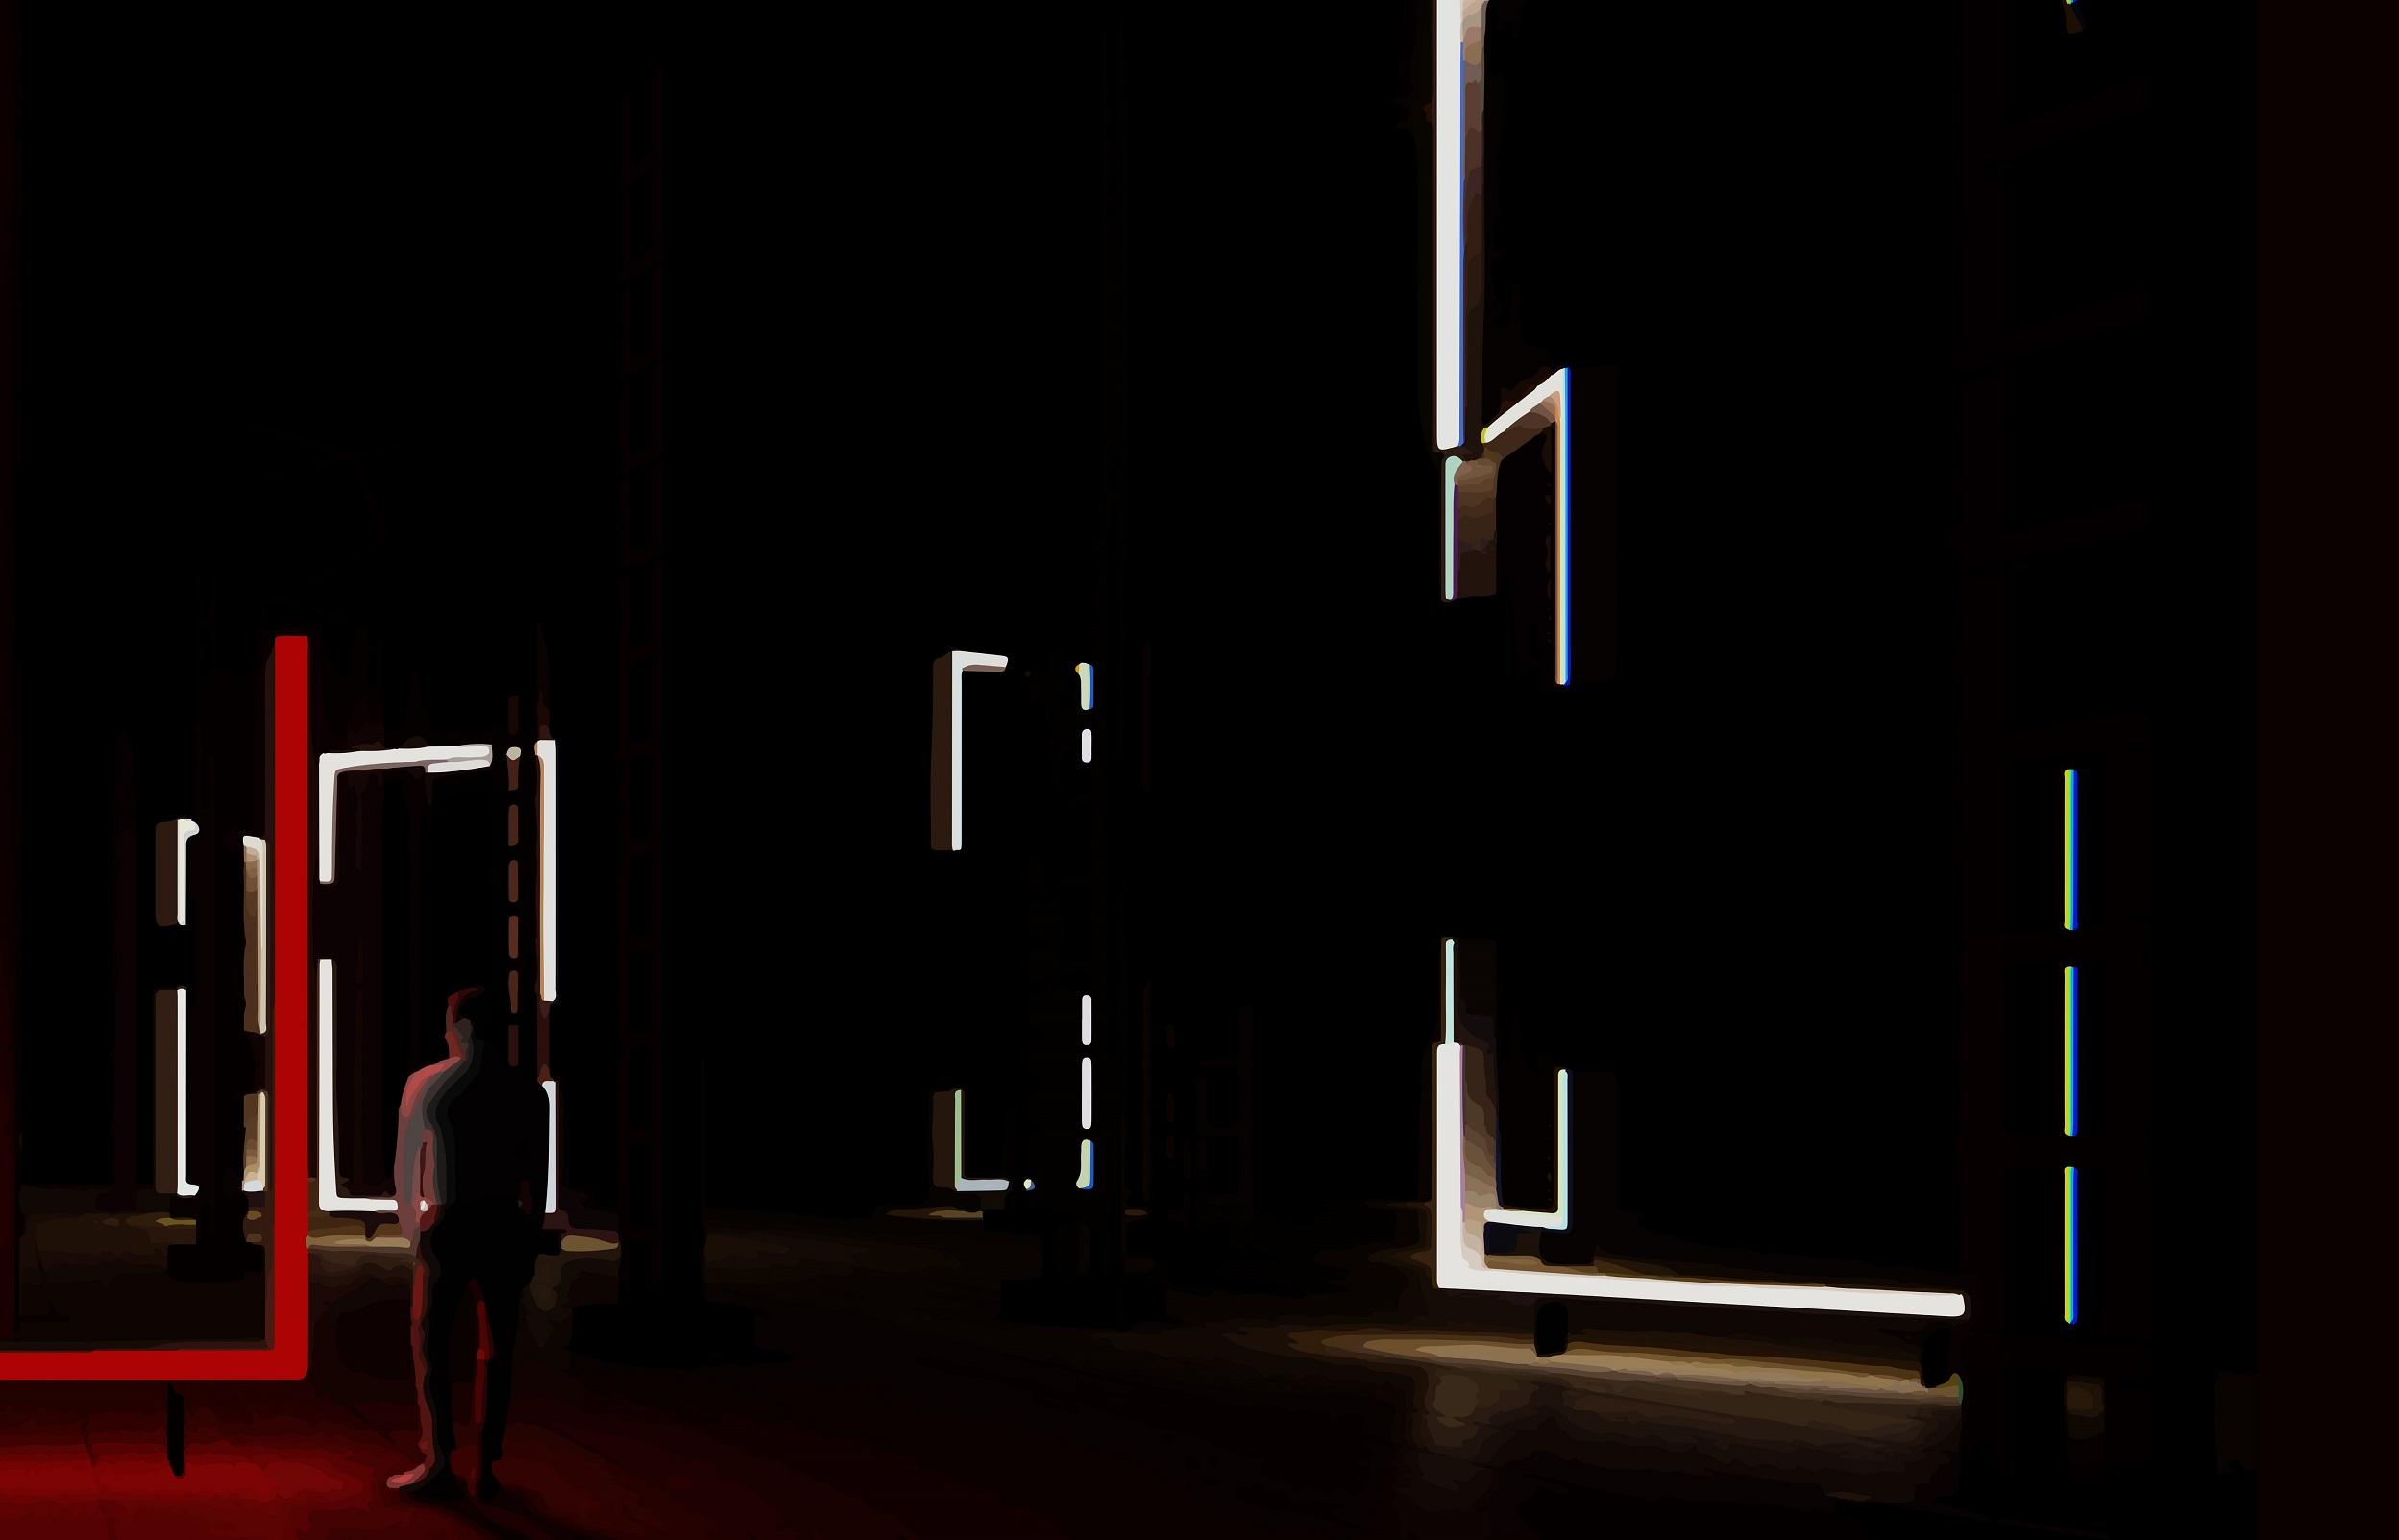 La luz y las formas dan vida a la nueva propouesta artística para el Espacio Cultural El Tanque